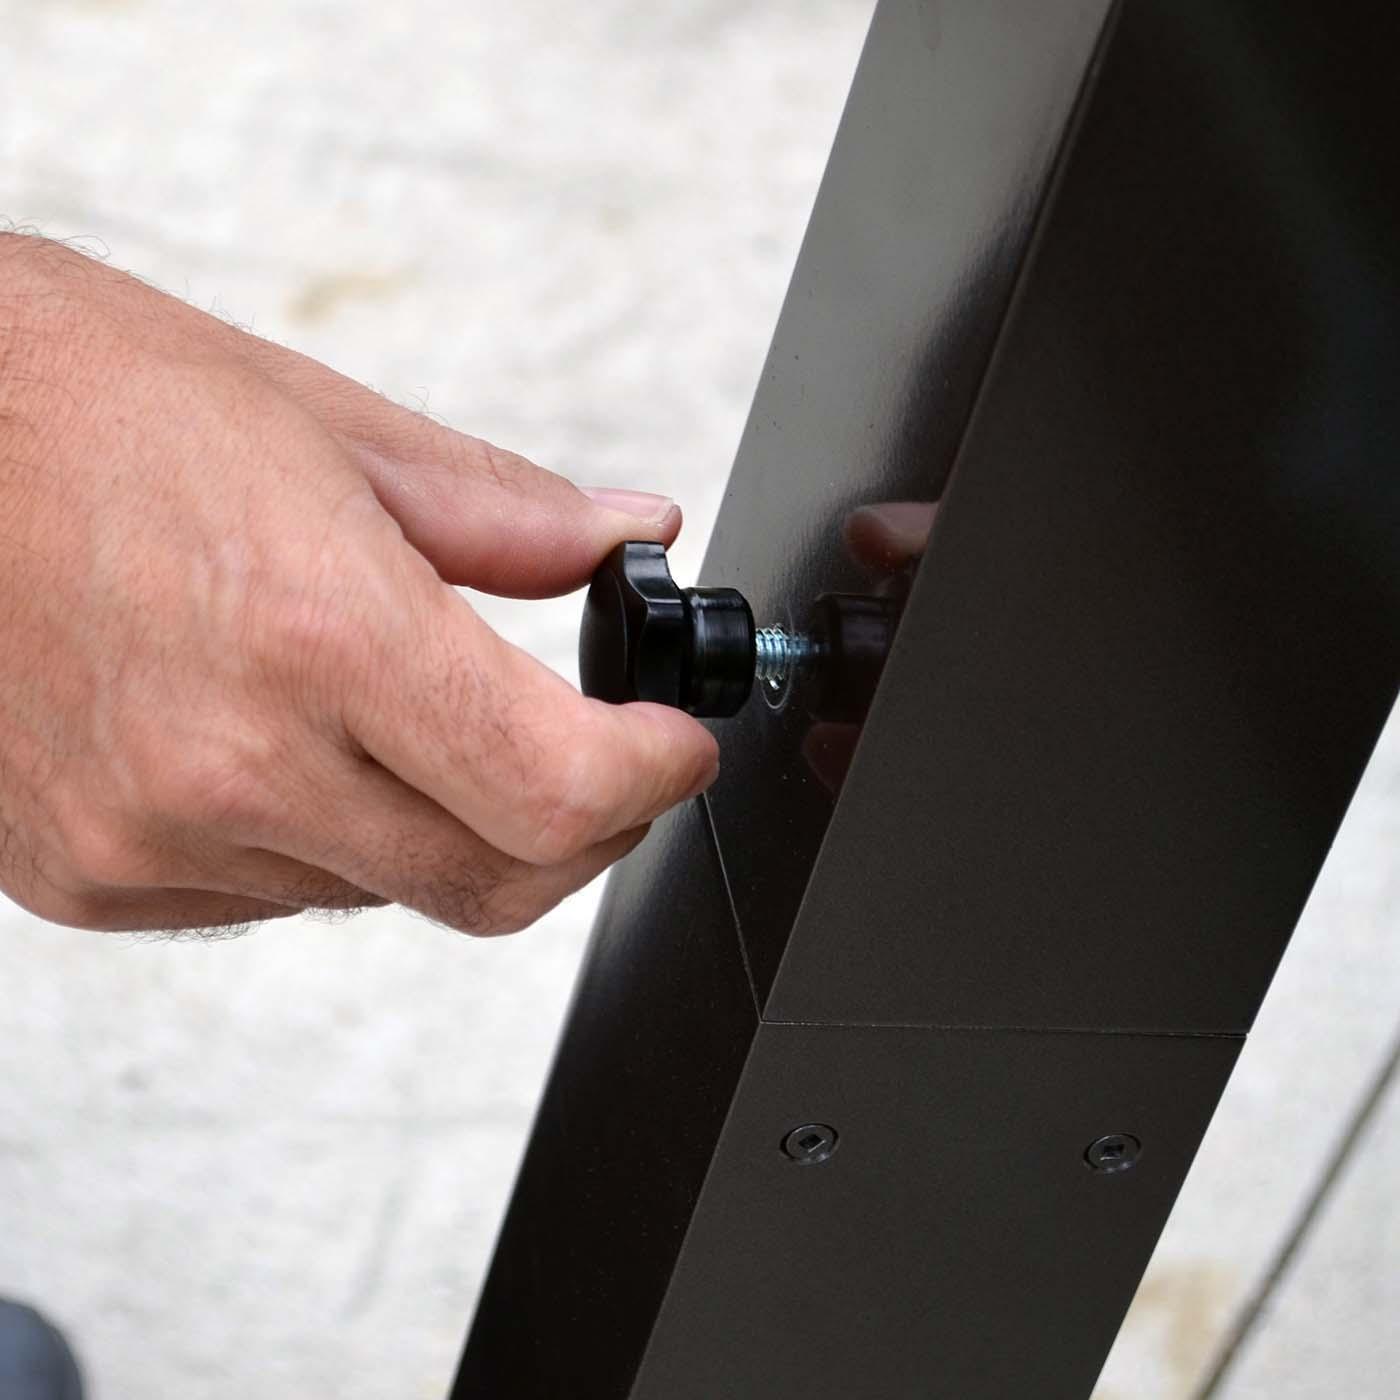 Urbann Y7 detail knob